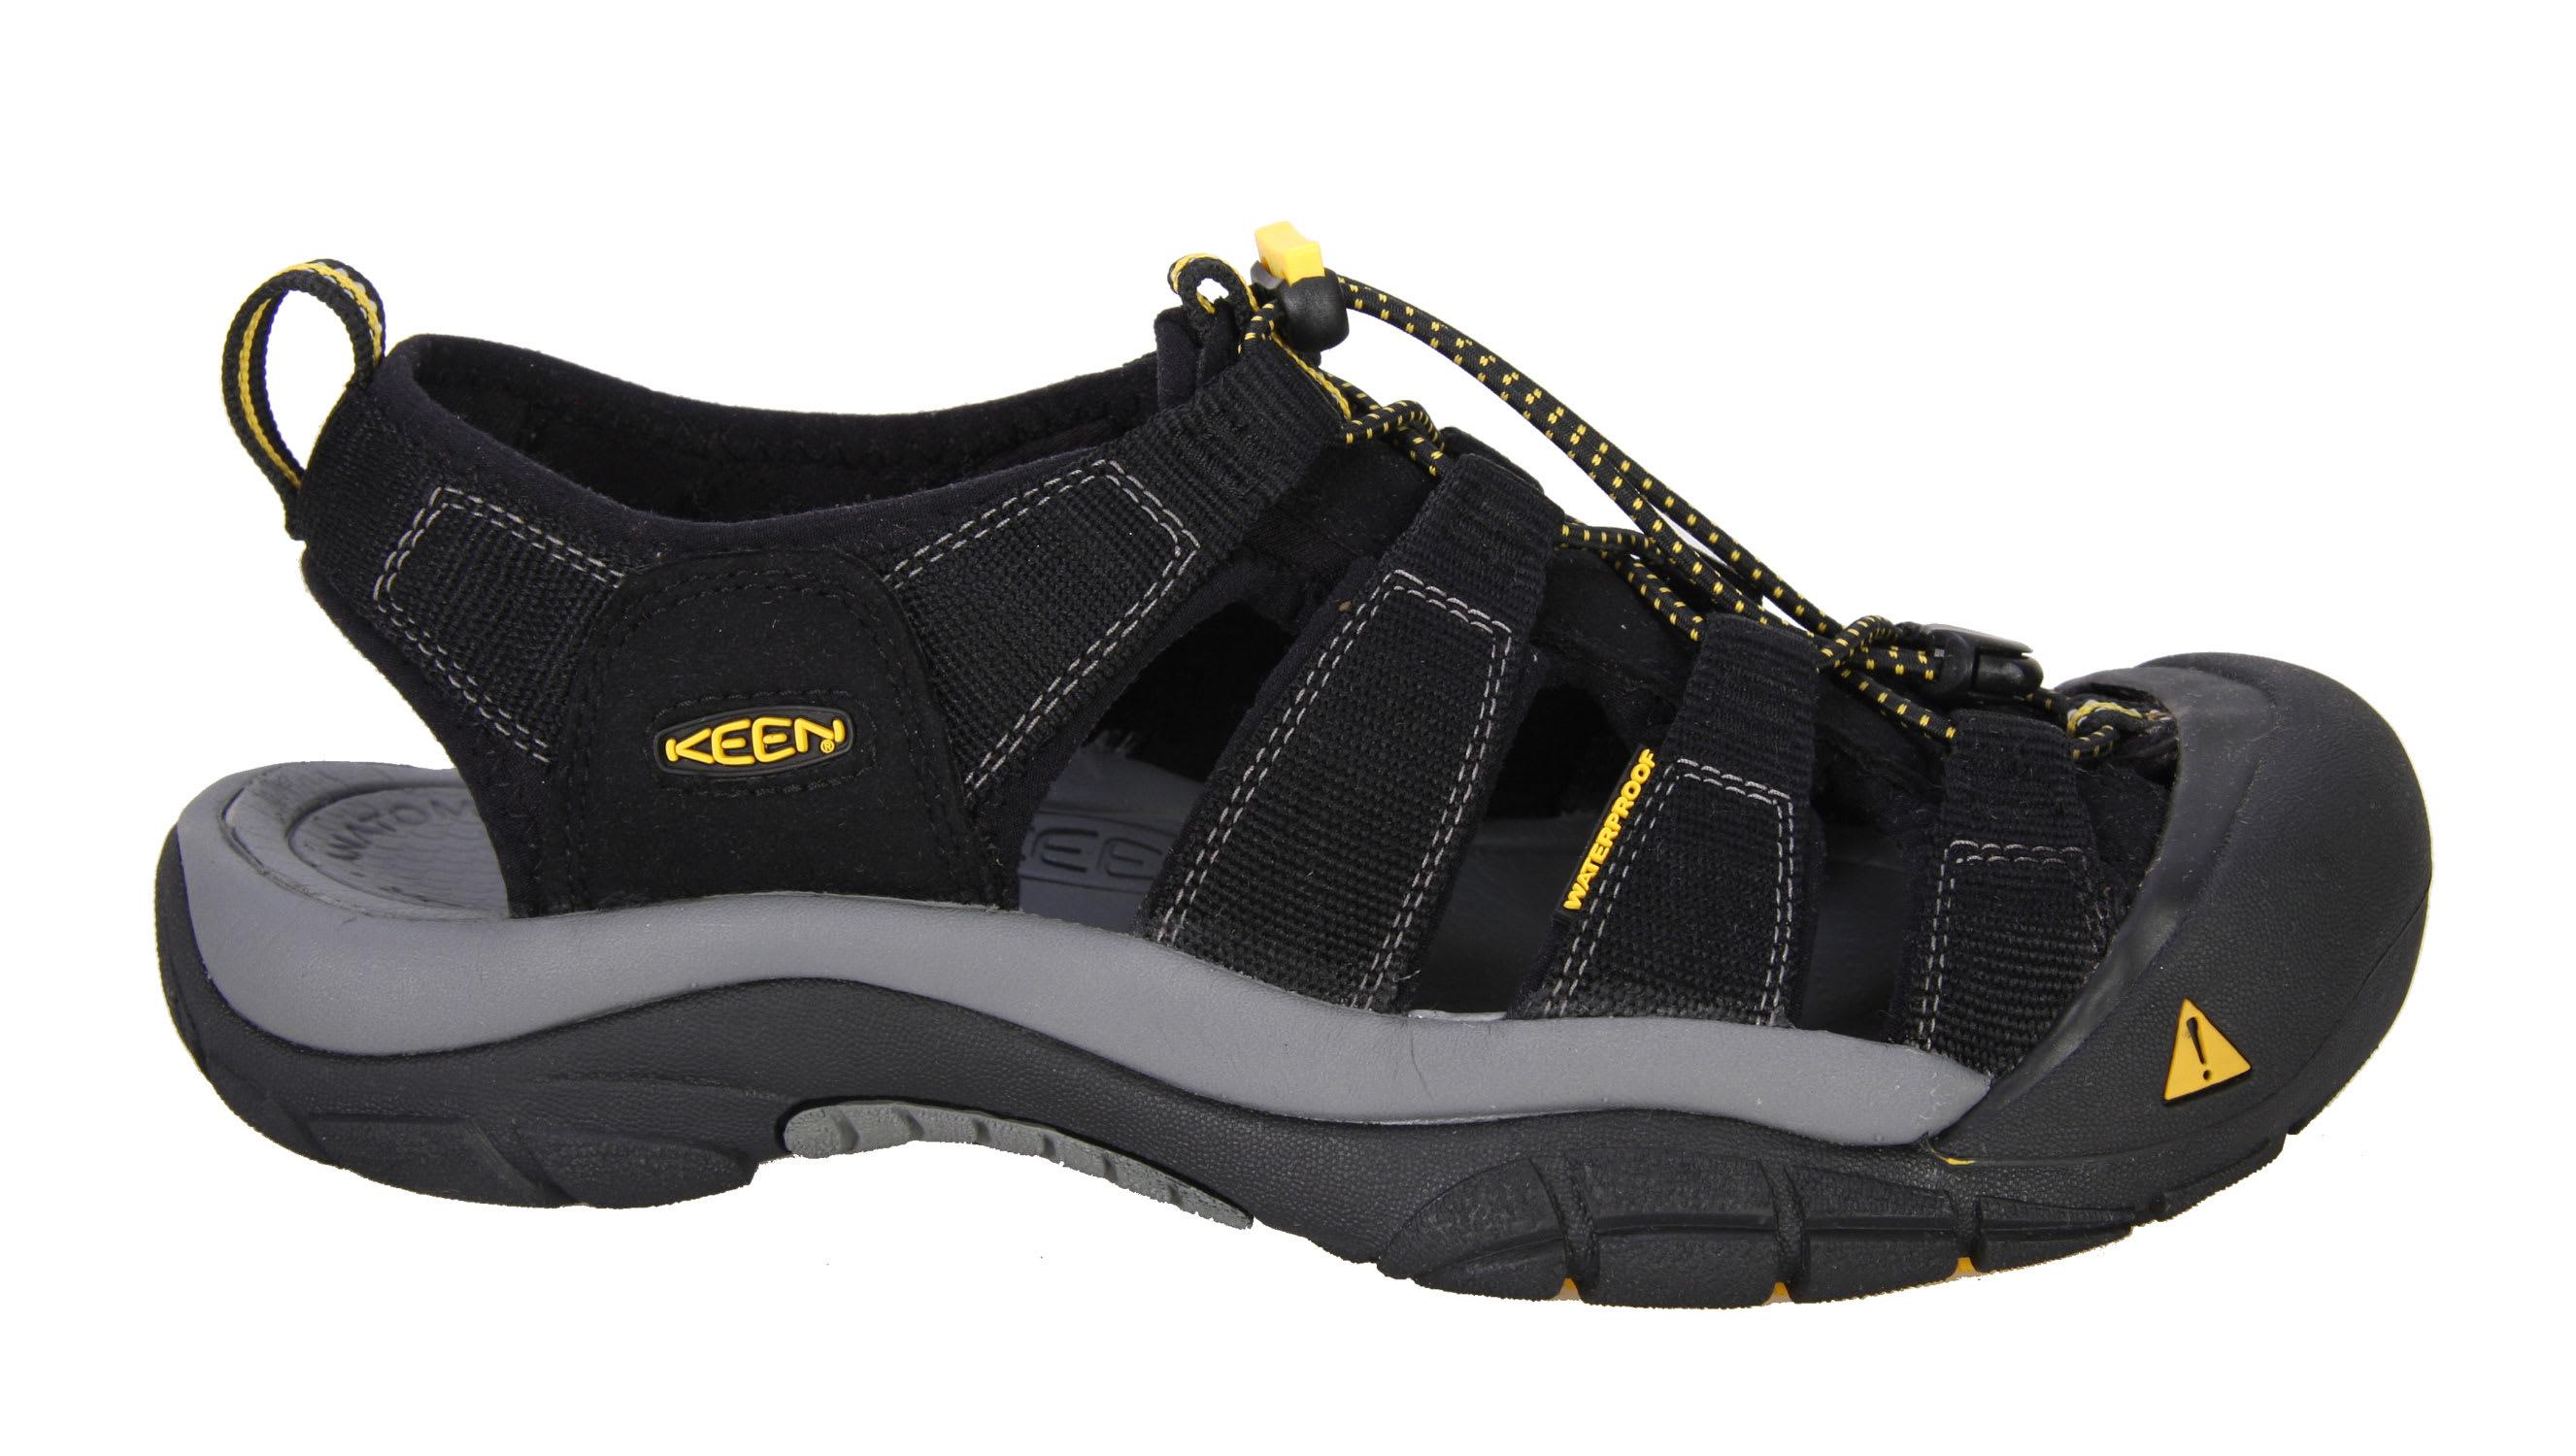 finest selection a9e0b 982dc Keen Newport H2 Sandals